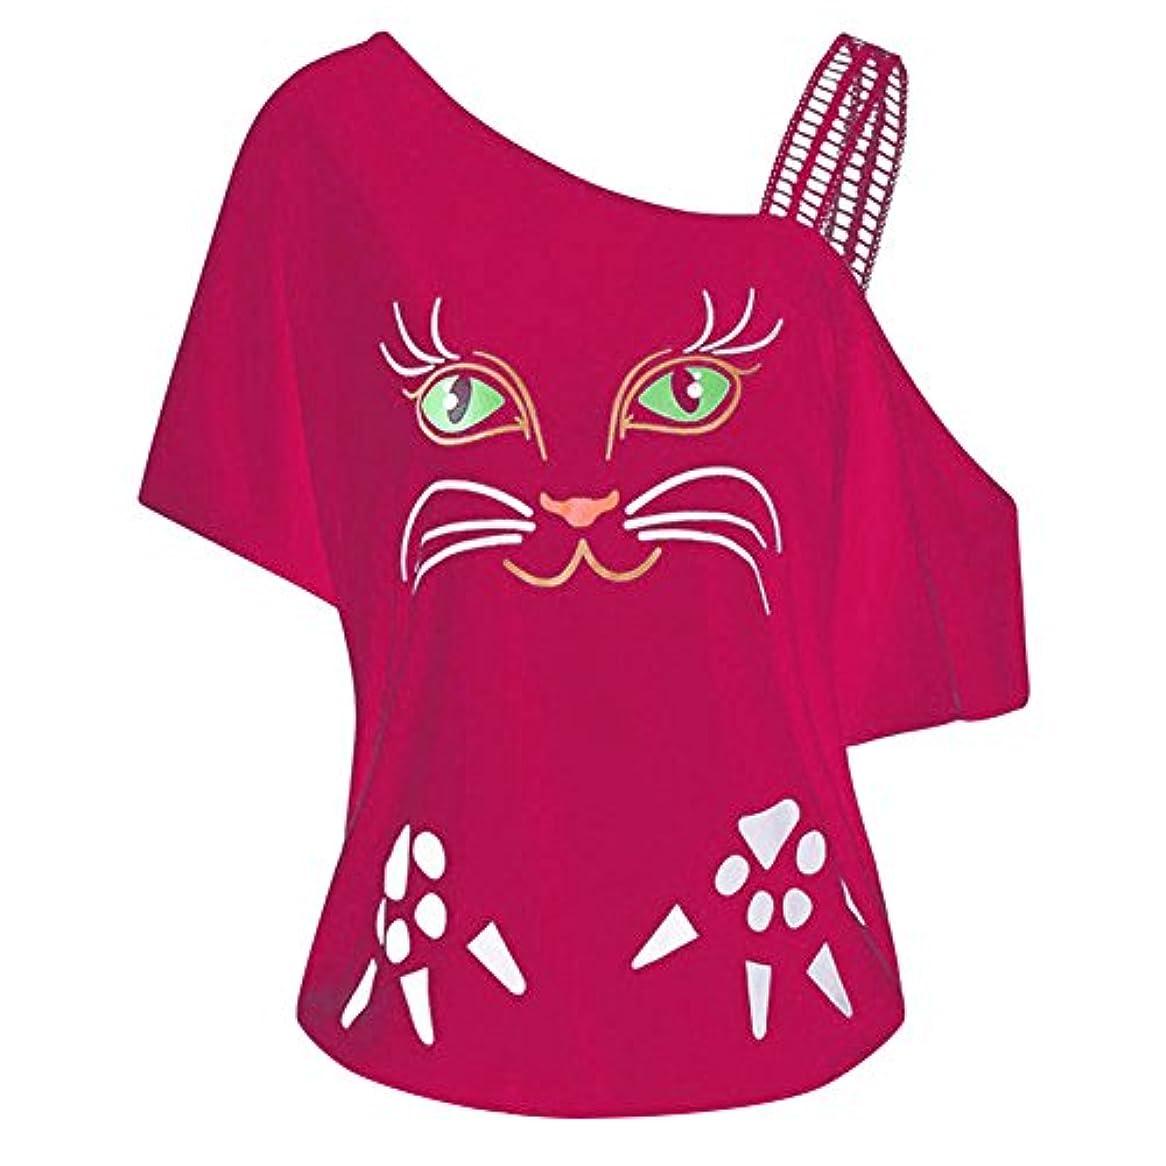 まとめる一部後者Hosam レディース 洋服 片肩 猫 お洒落 おもしろ プリント Tシャツ お洒落 体型カバ― お呼ばれ 通勤 日常 快適 大きなサイズ シンプルなデザイン 20代30代40代でも (L, ピンク)